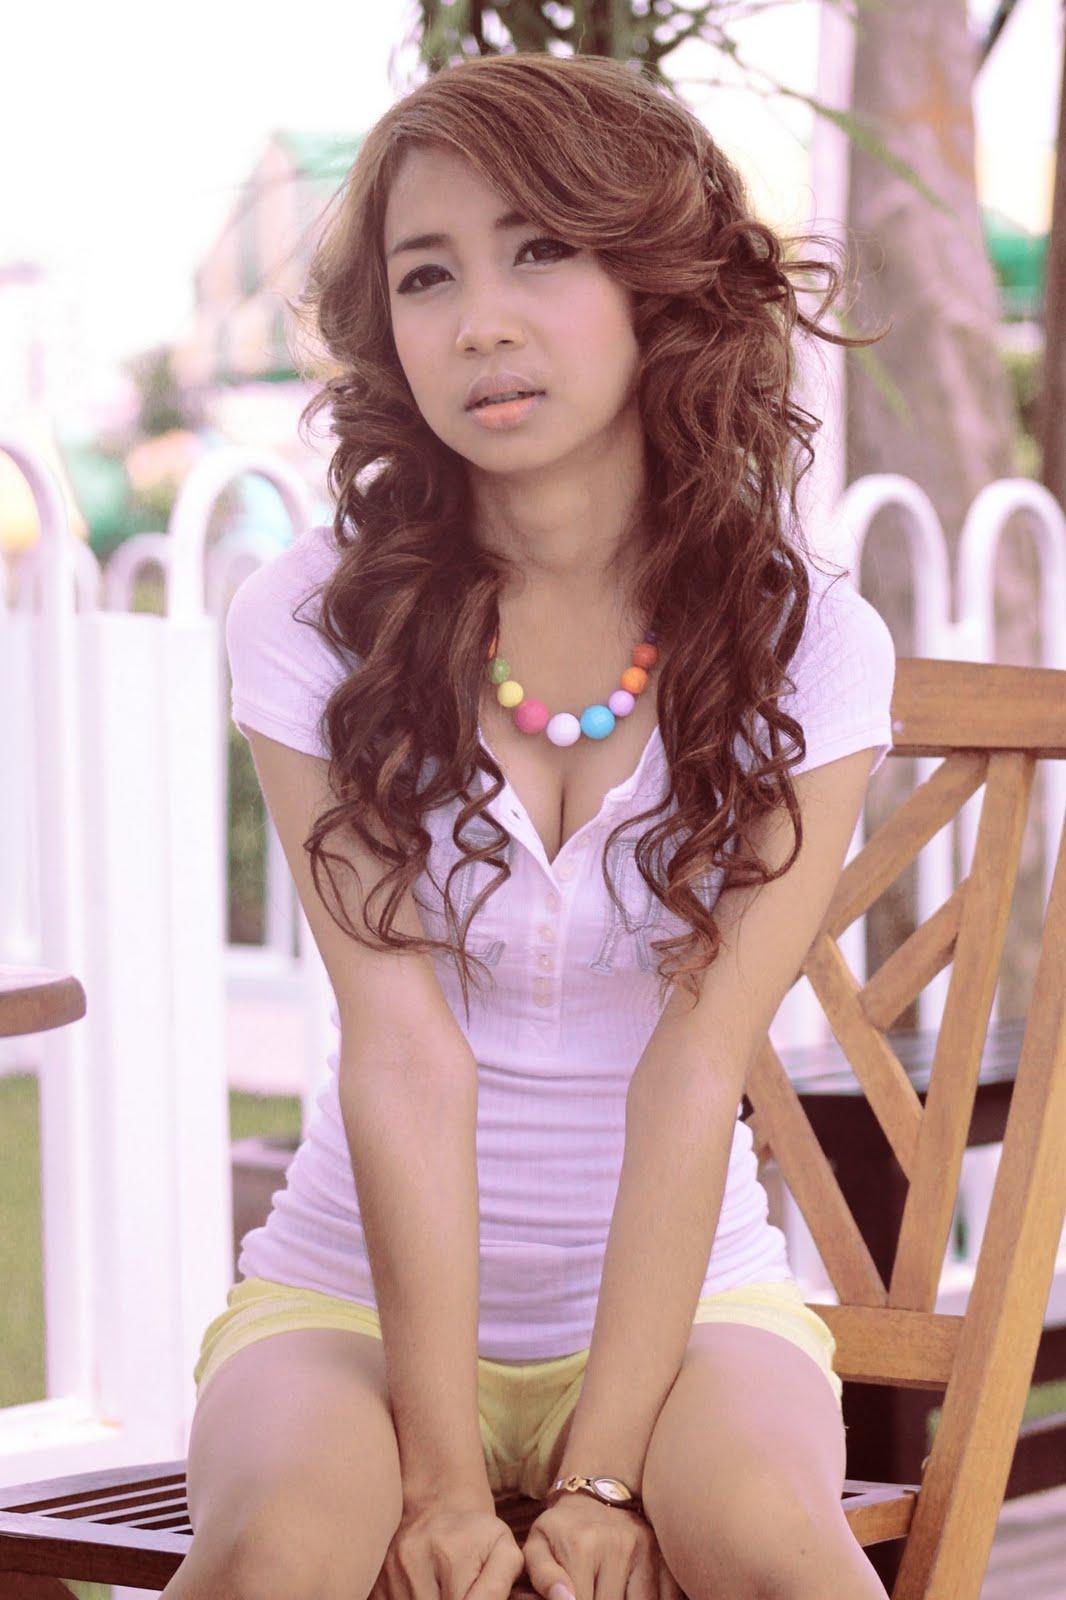 http://3.bp.blogspot.com/-Q1P-lhxfci0/Tey0U4_-t0I/AAAAAAAAInk/rCzq_N6VV1M/s1600/Nita+Dalice+is+98%2525+sexy+today%2521+%25283%2529.jpg